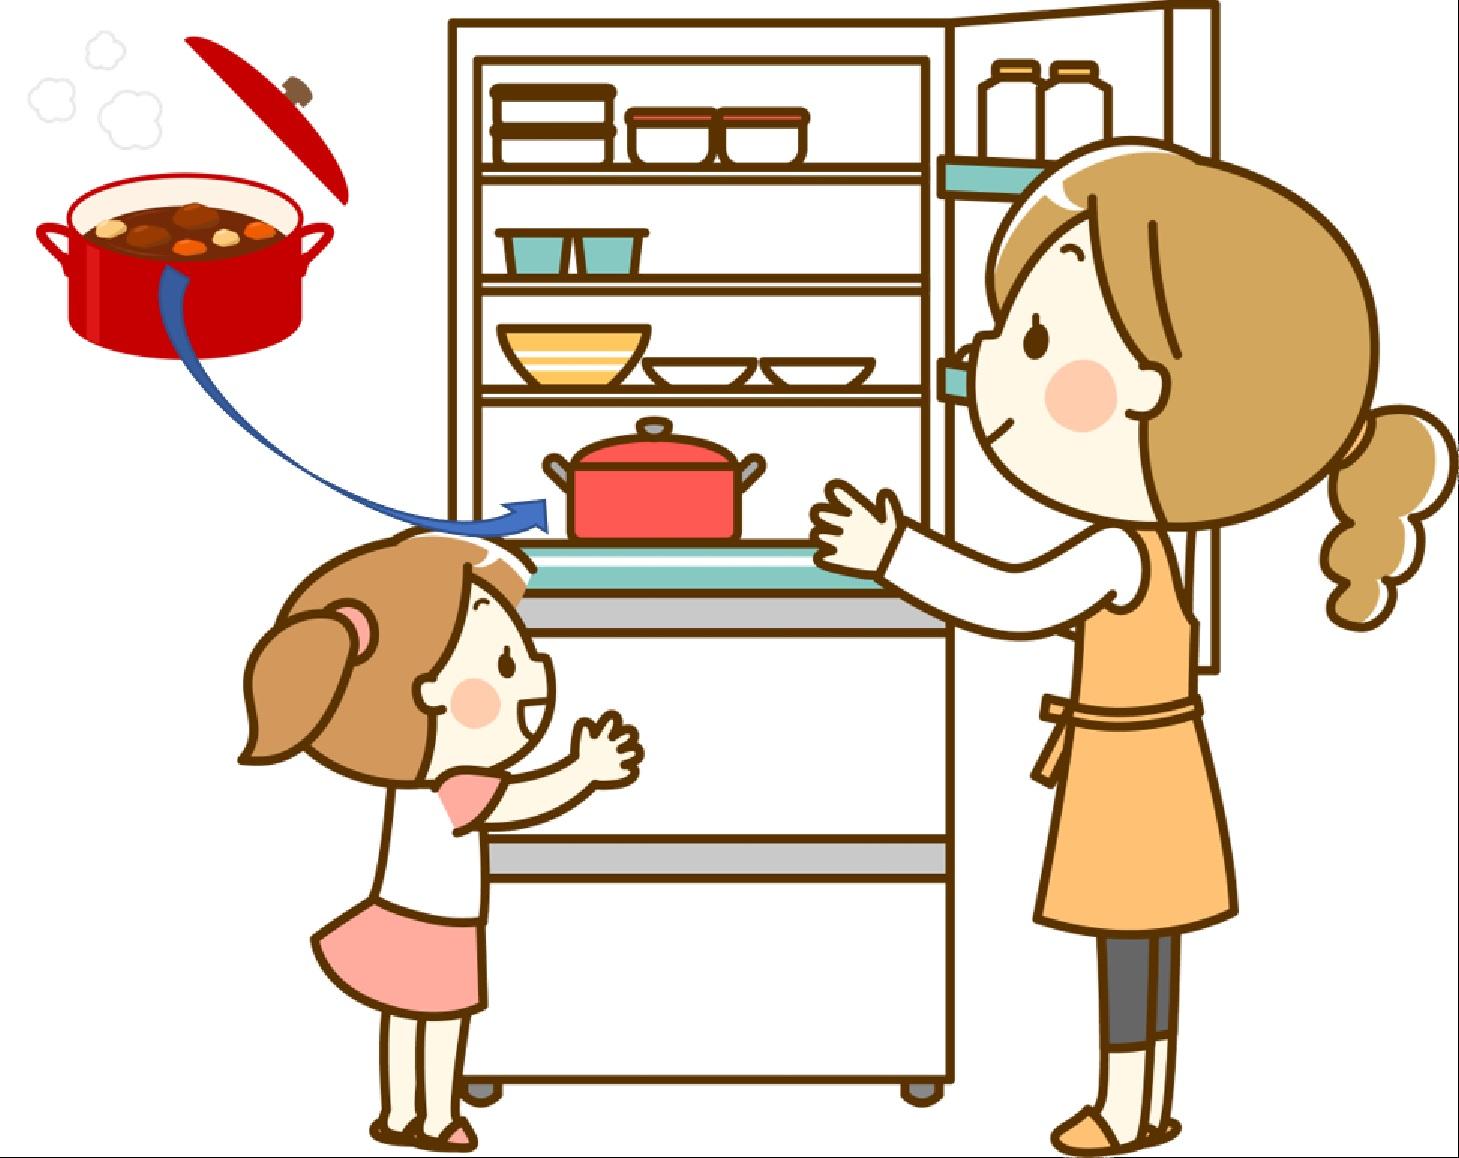 カレーの鍋ごと冷蔵あり?保存の仕方と保存期間と賞味期限を伝授します!